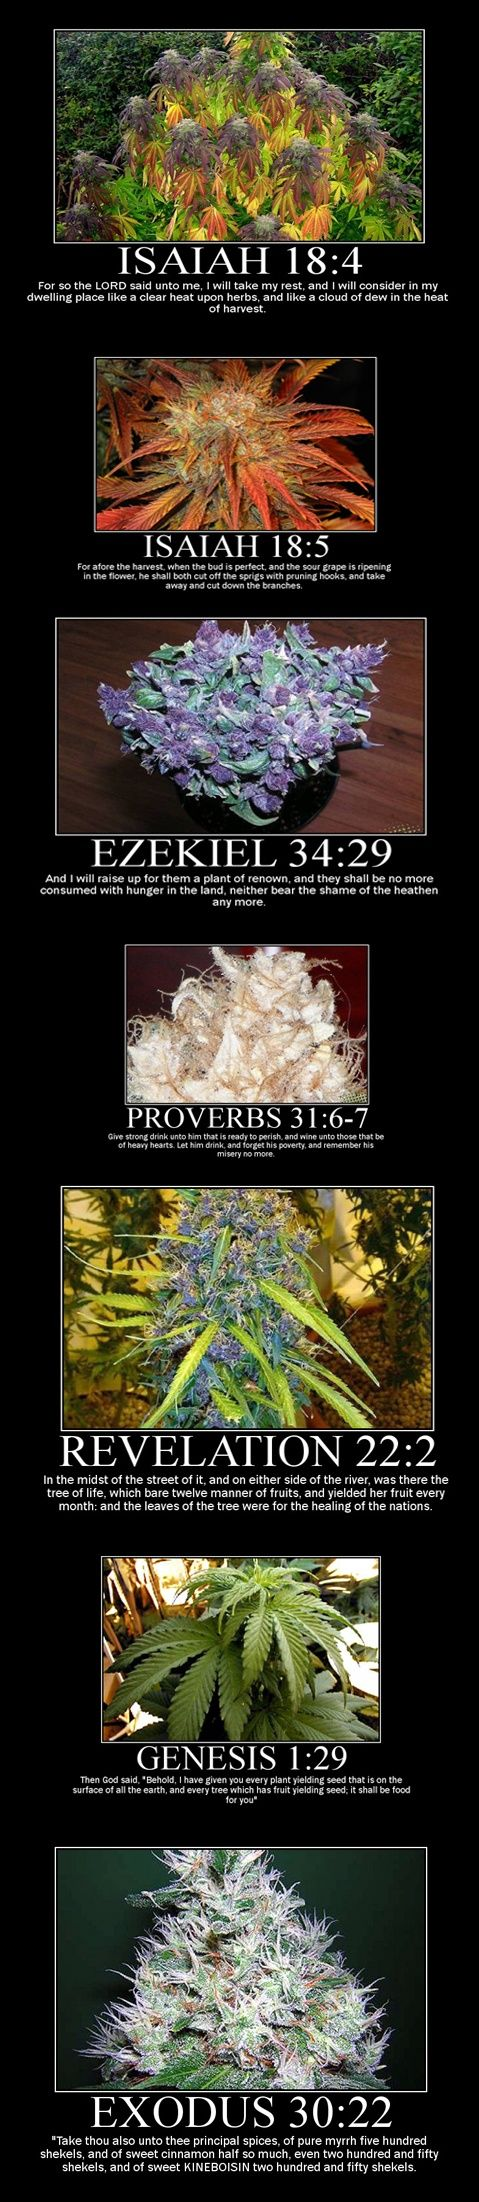 Bible and marijuana references